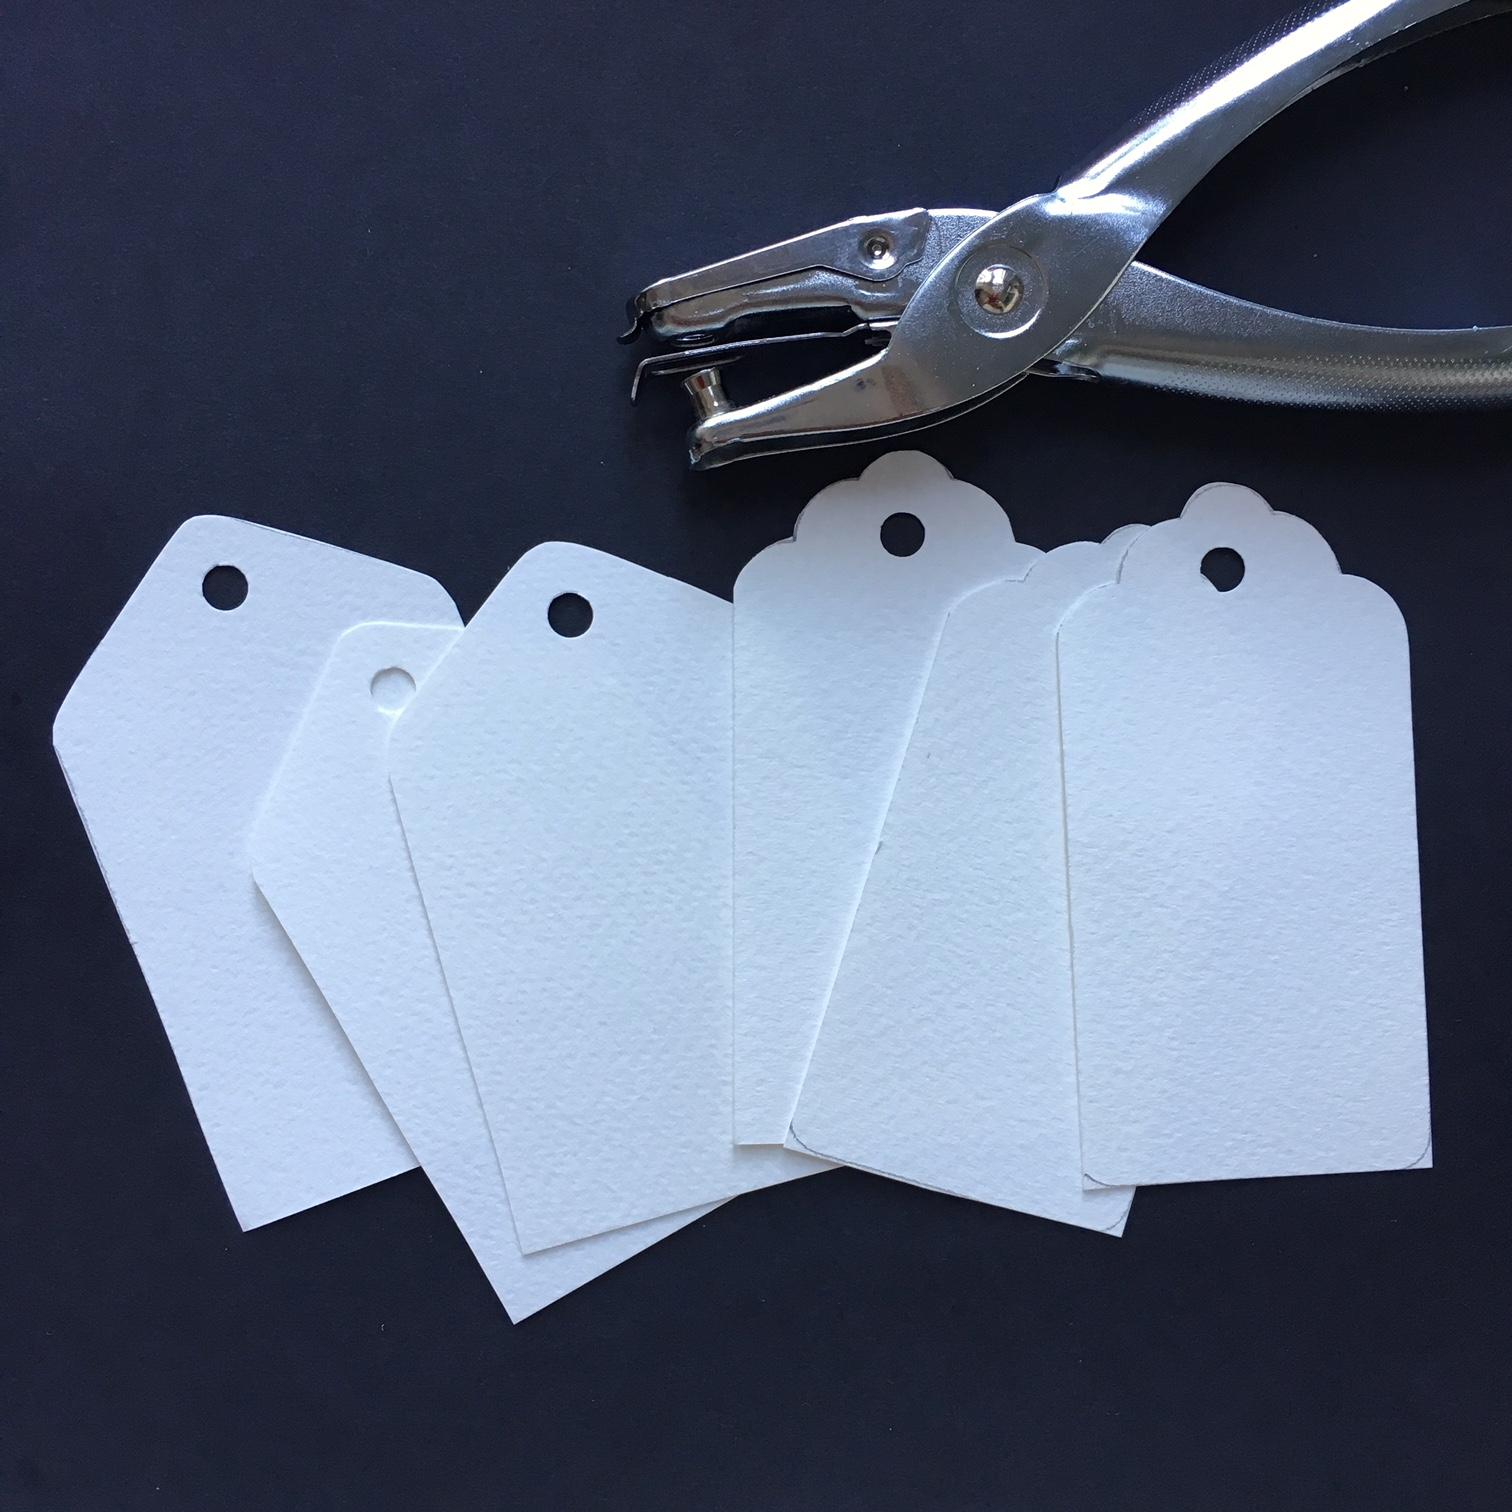 заготовки за коледни тагове от бял картон с дупка